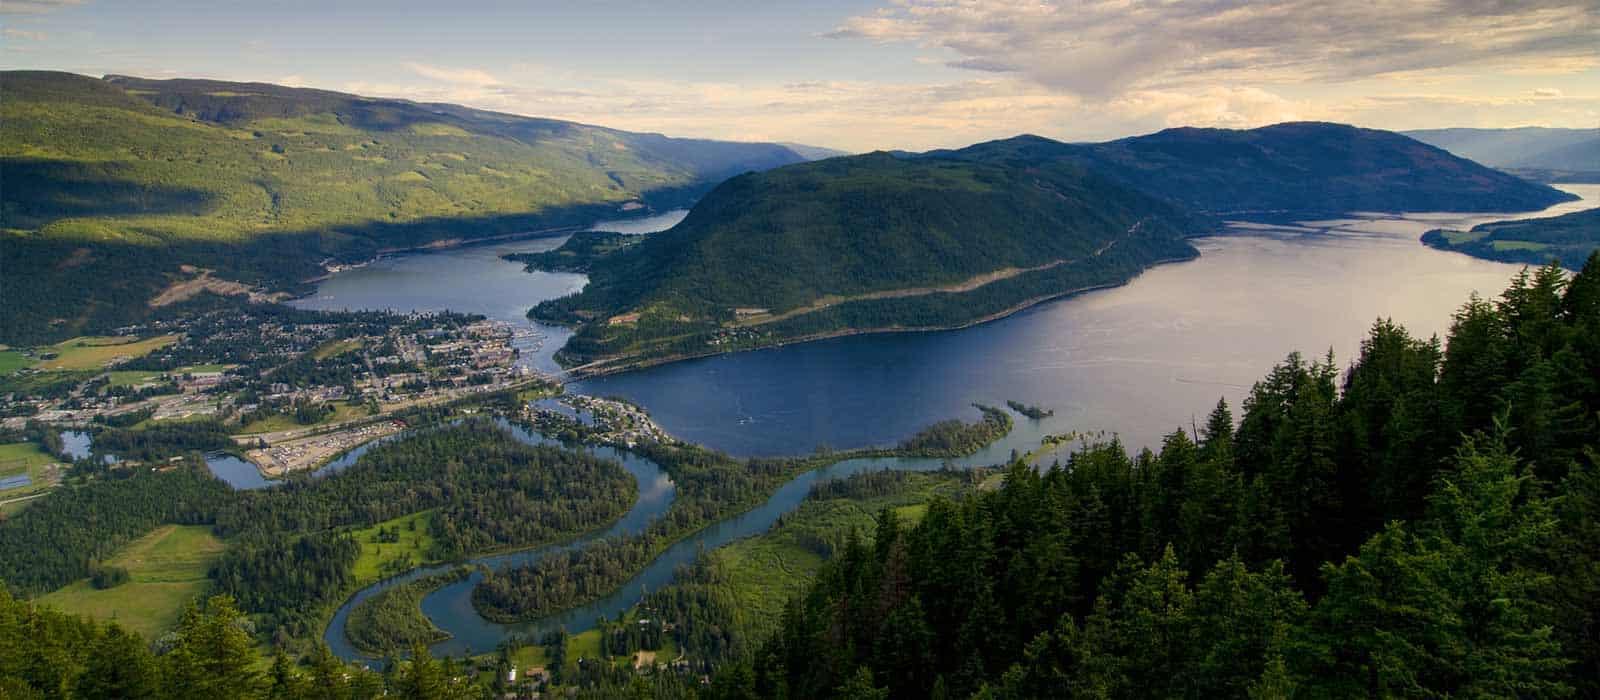 Shuswap Wine Region Of British Columbia Wine Bc